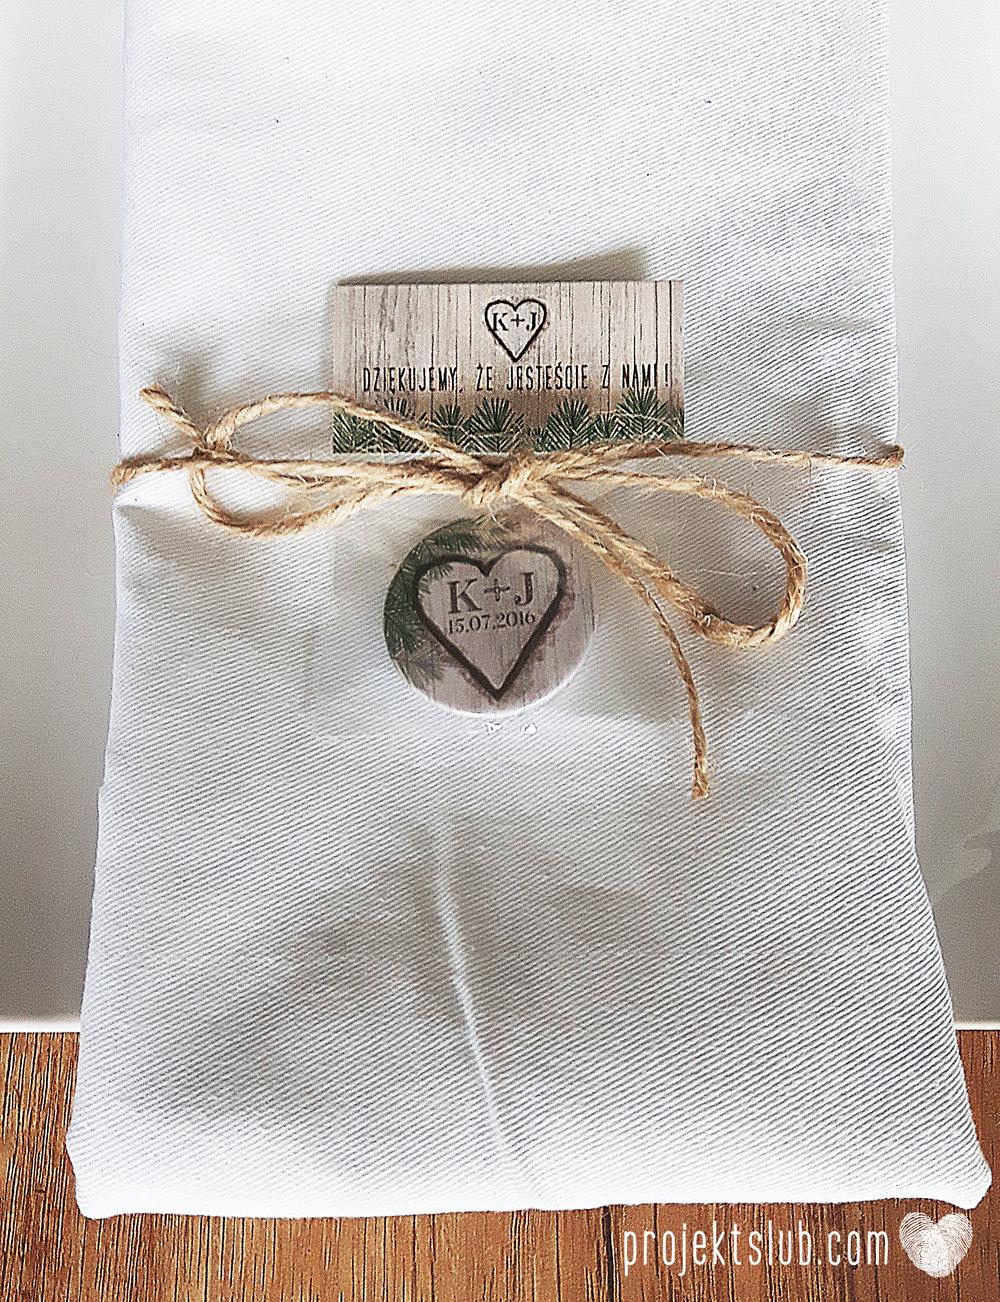 Zaproszenia ślubne oryginalne BOHO WOODLOVE vintage las świerk drewno drzewo kora eko rustykalne oryginalny craft naturalne Projekt Ślub (40).jpg